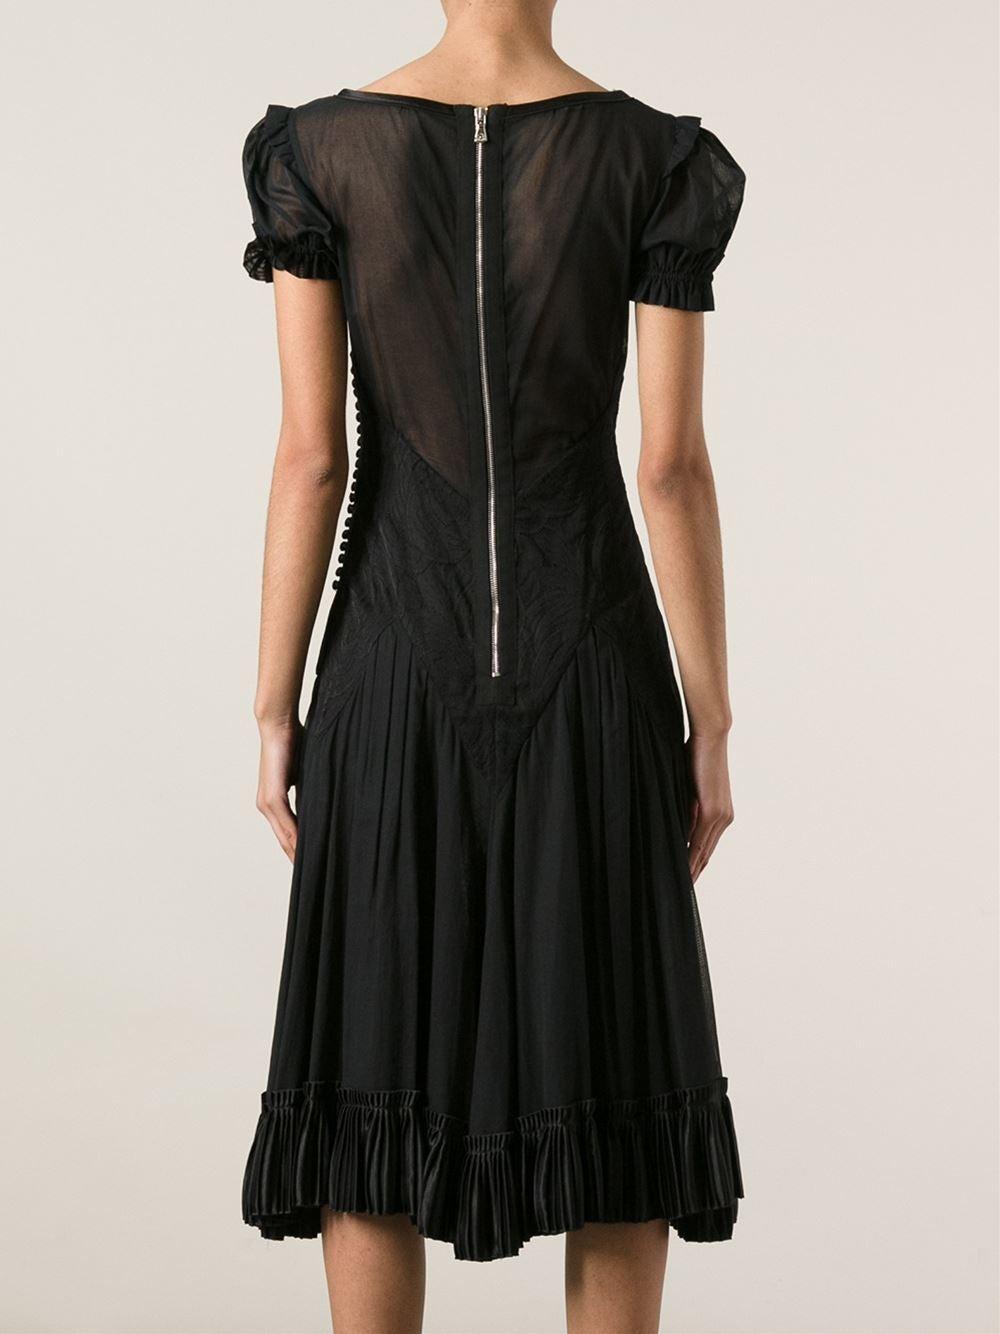 1990s Dolce and Gabbana Semi sheer Kaftan Black Dress 2